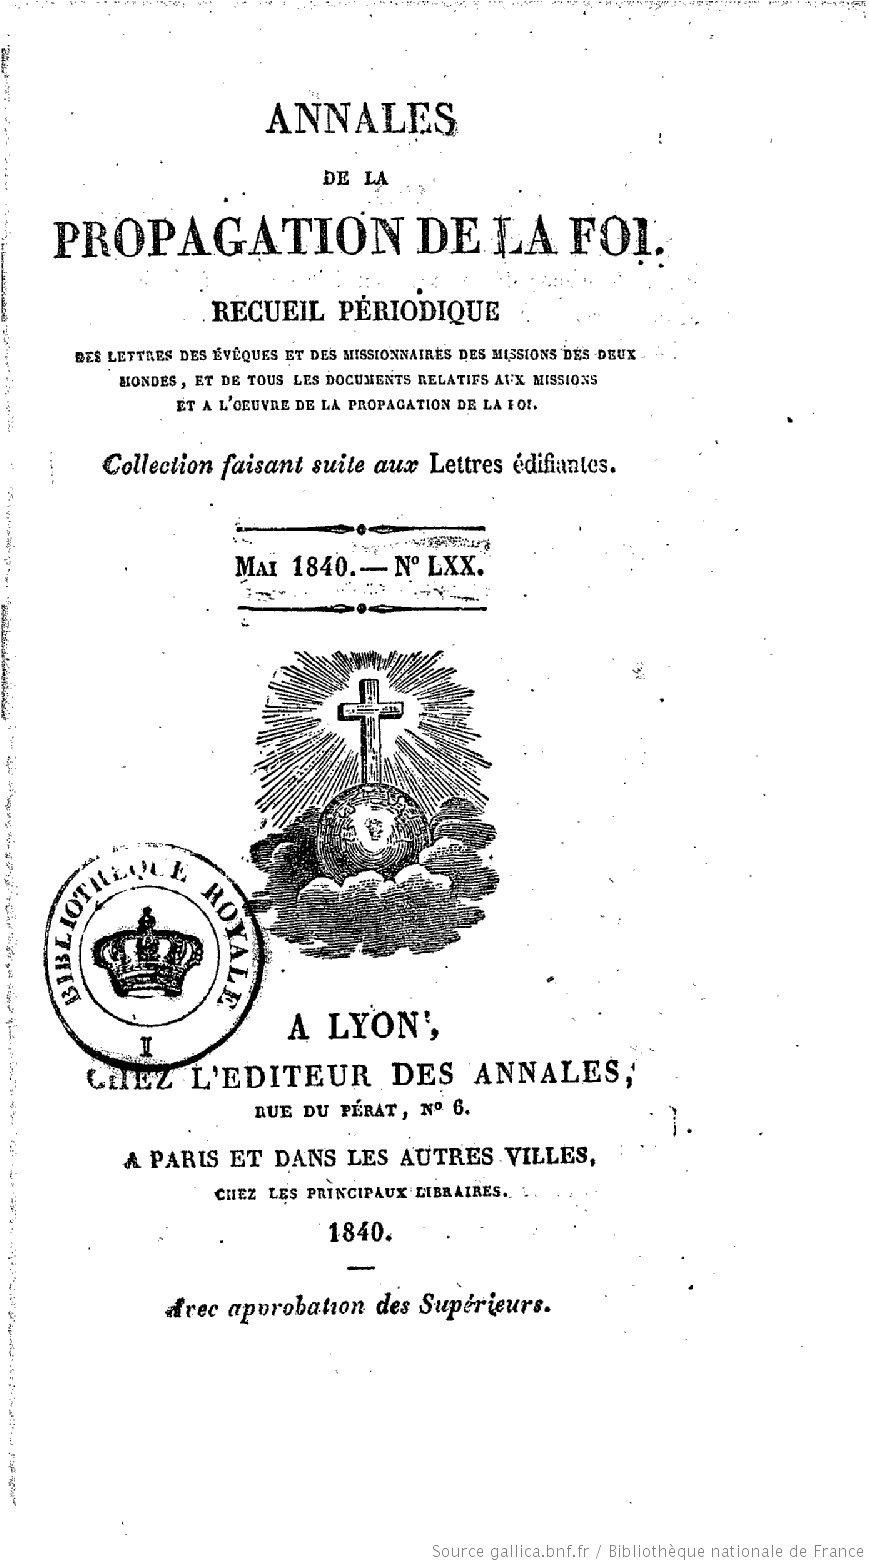 Annales de la propagation de la foi – Missions de l'Océanie orientale – N° LXX (Mai 1840)